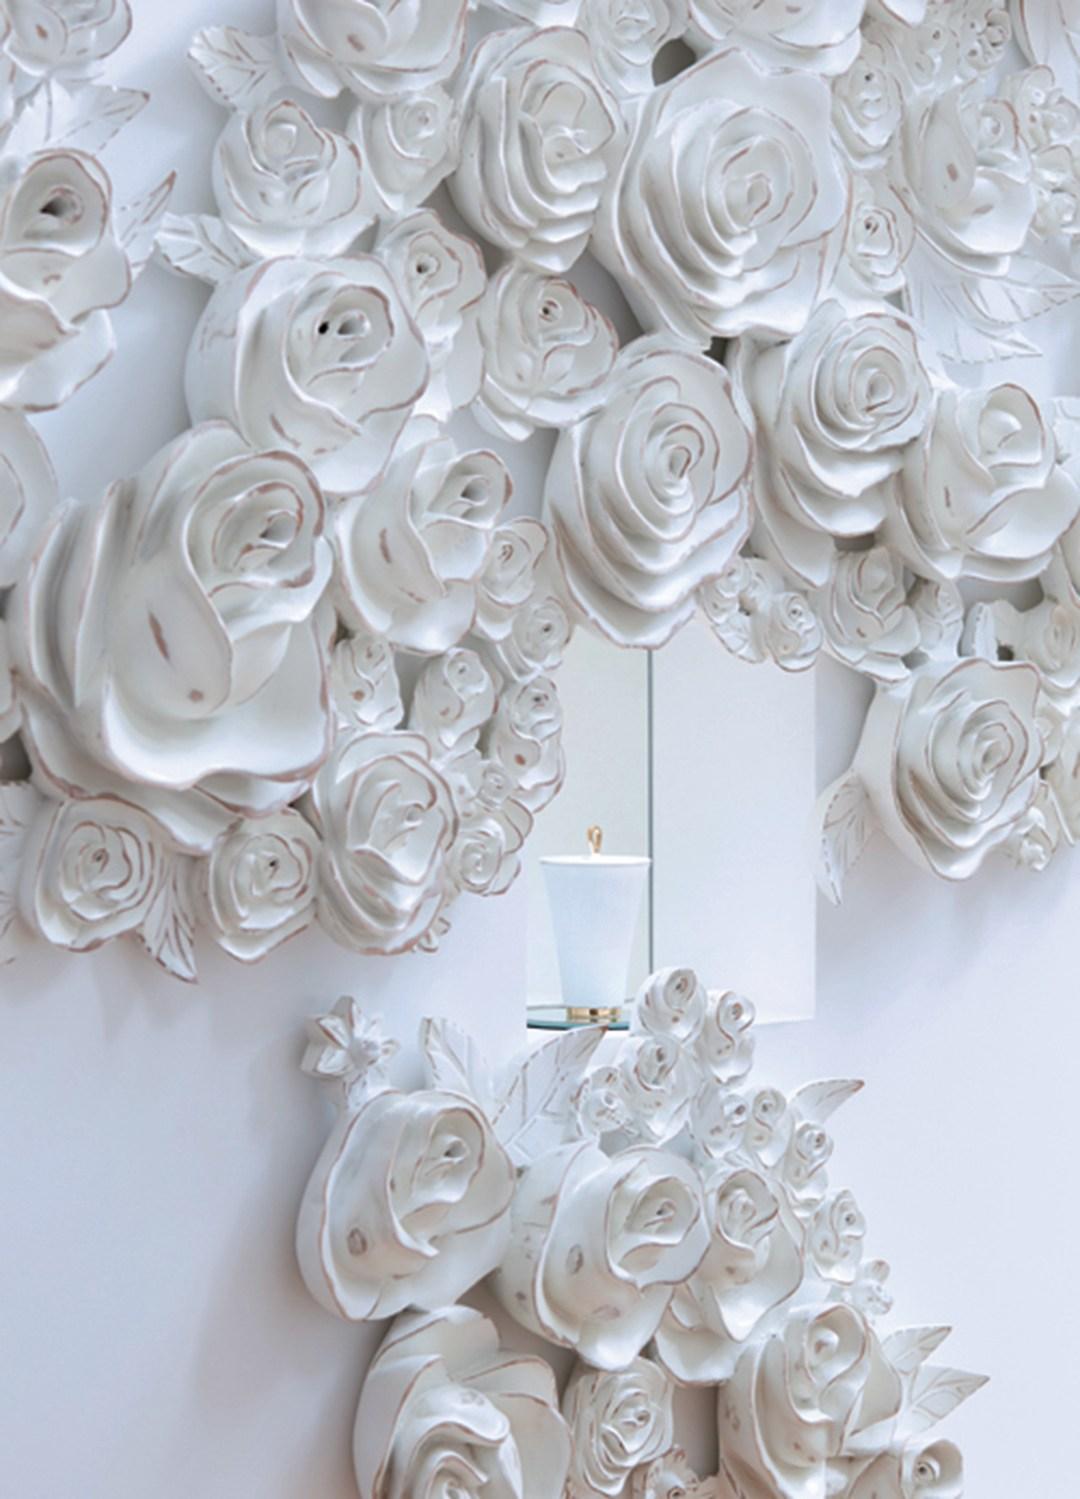 design olfactif de la marque maison abriza, coup de coeur